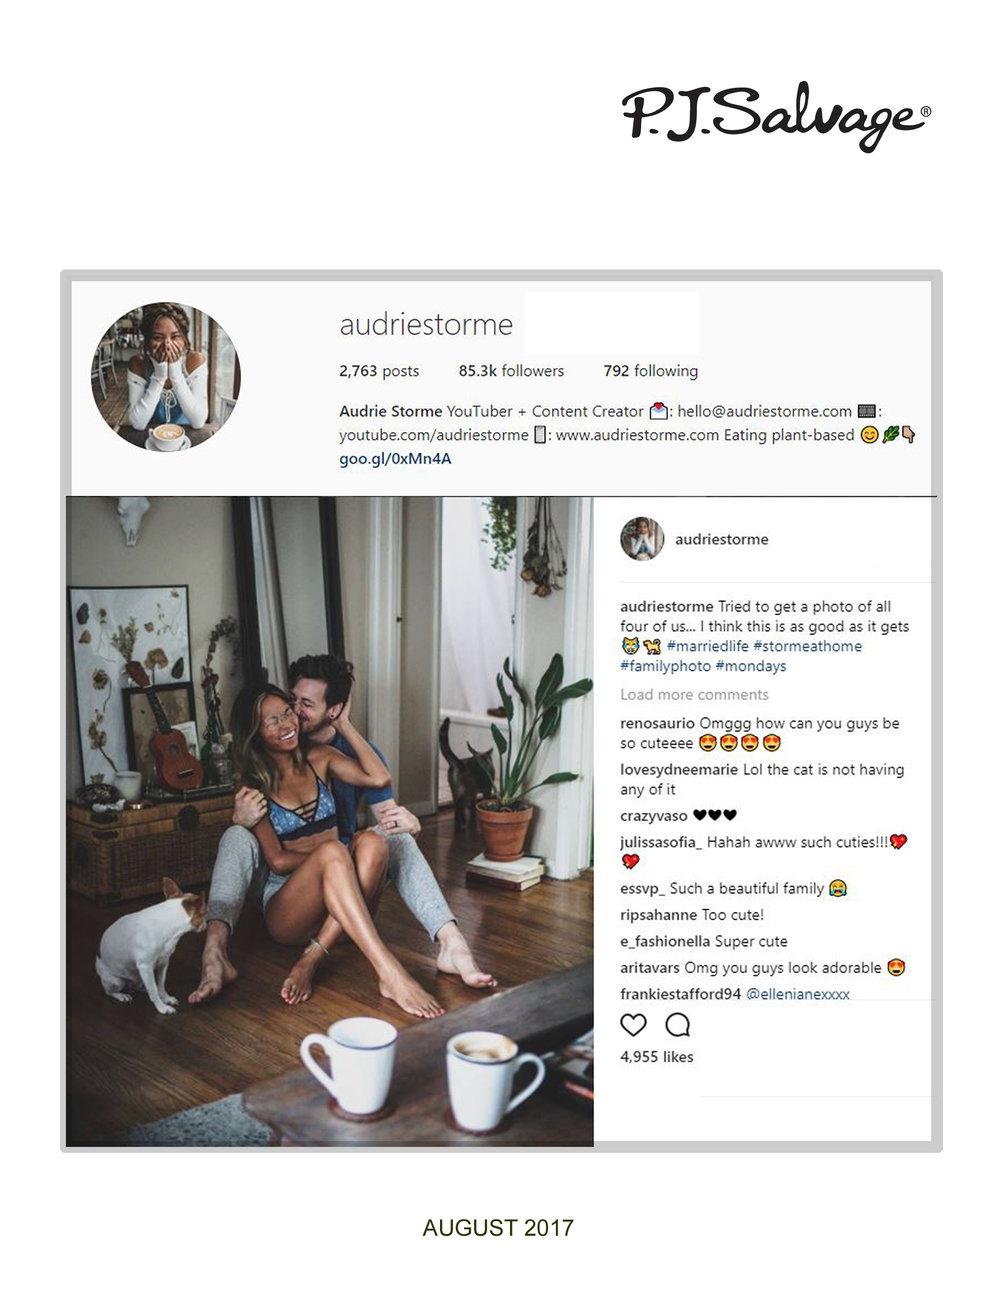 AudrieStorme_August2017.jpg